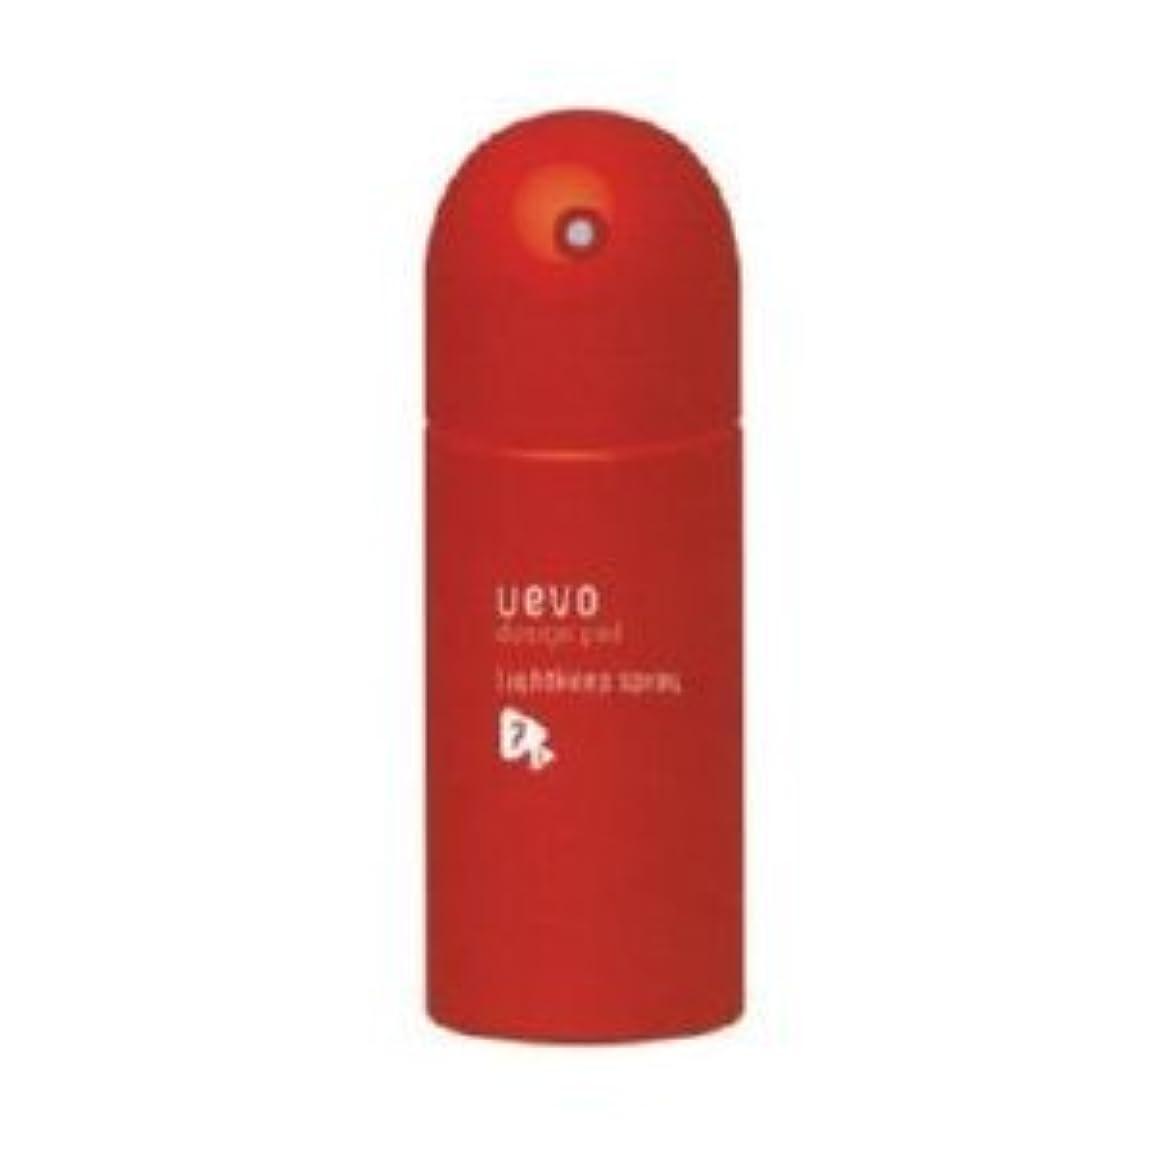 真面目な豊かな酸度【X3個セット】 デミ ウェーボ デザインポッド ライトキープスプレー 220ml